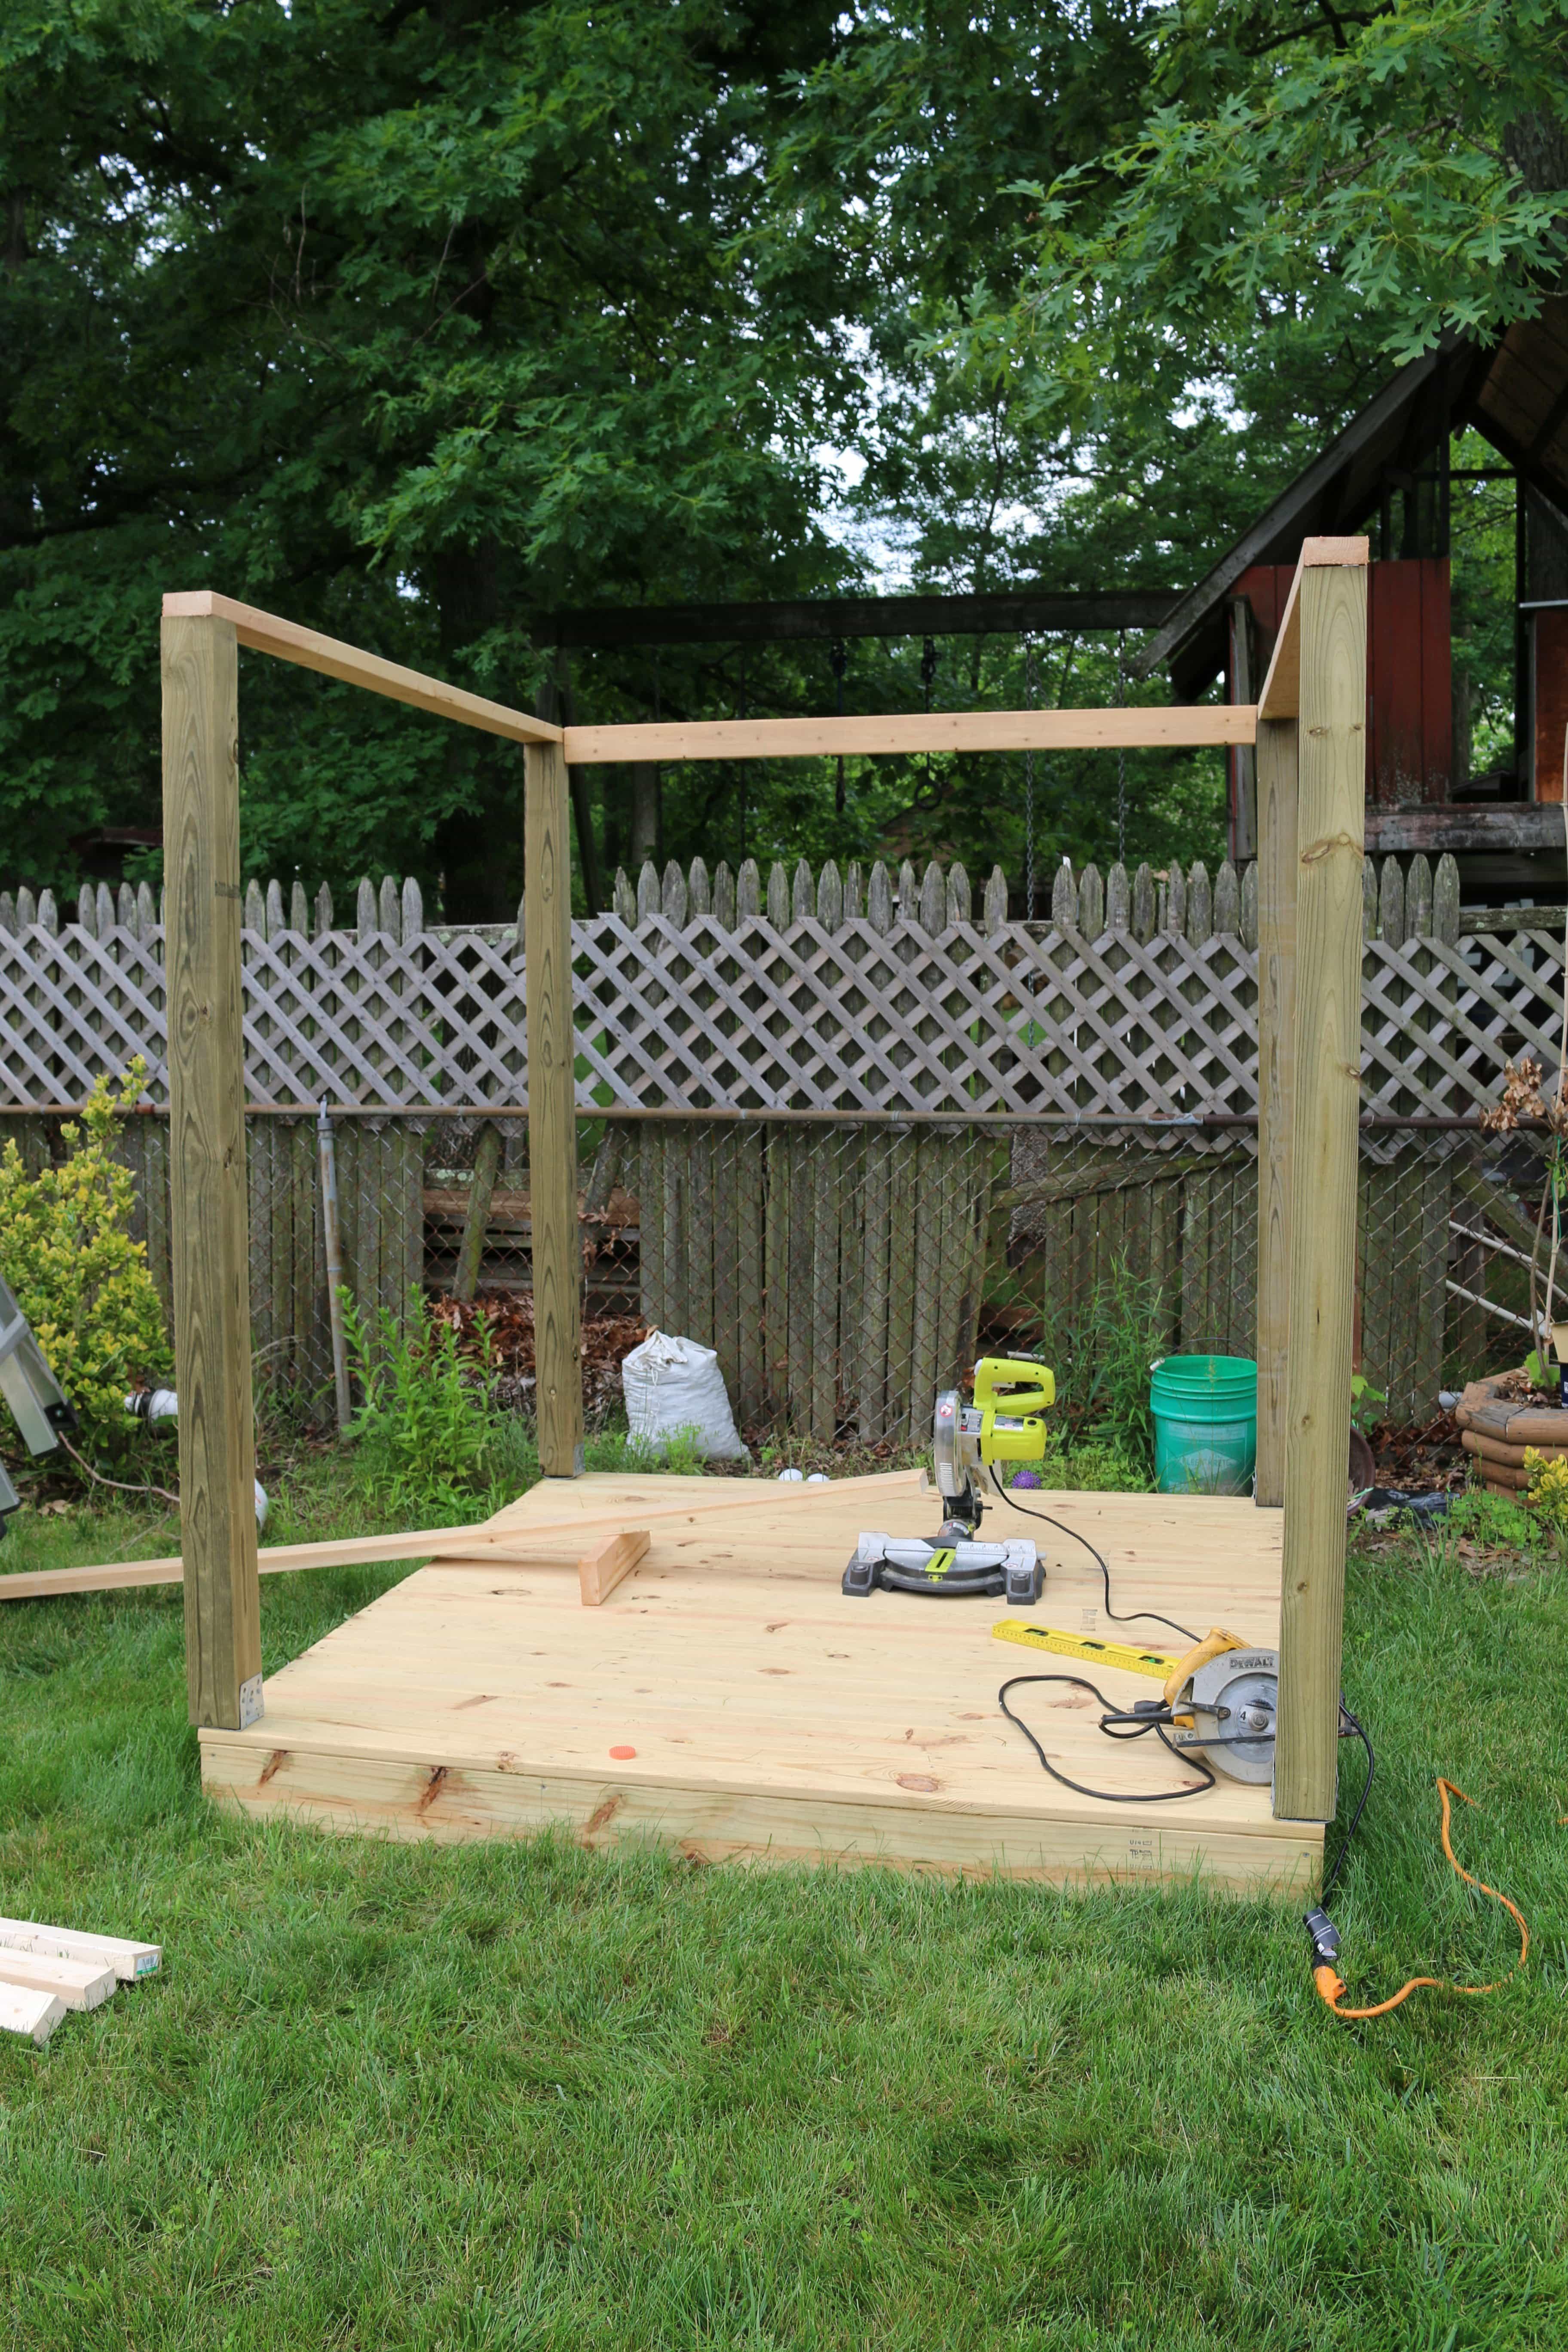 2 e1523592655864 - Cómo construir una casita de juegos para el jardín